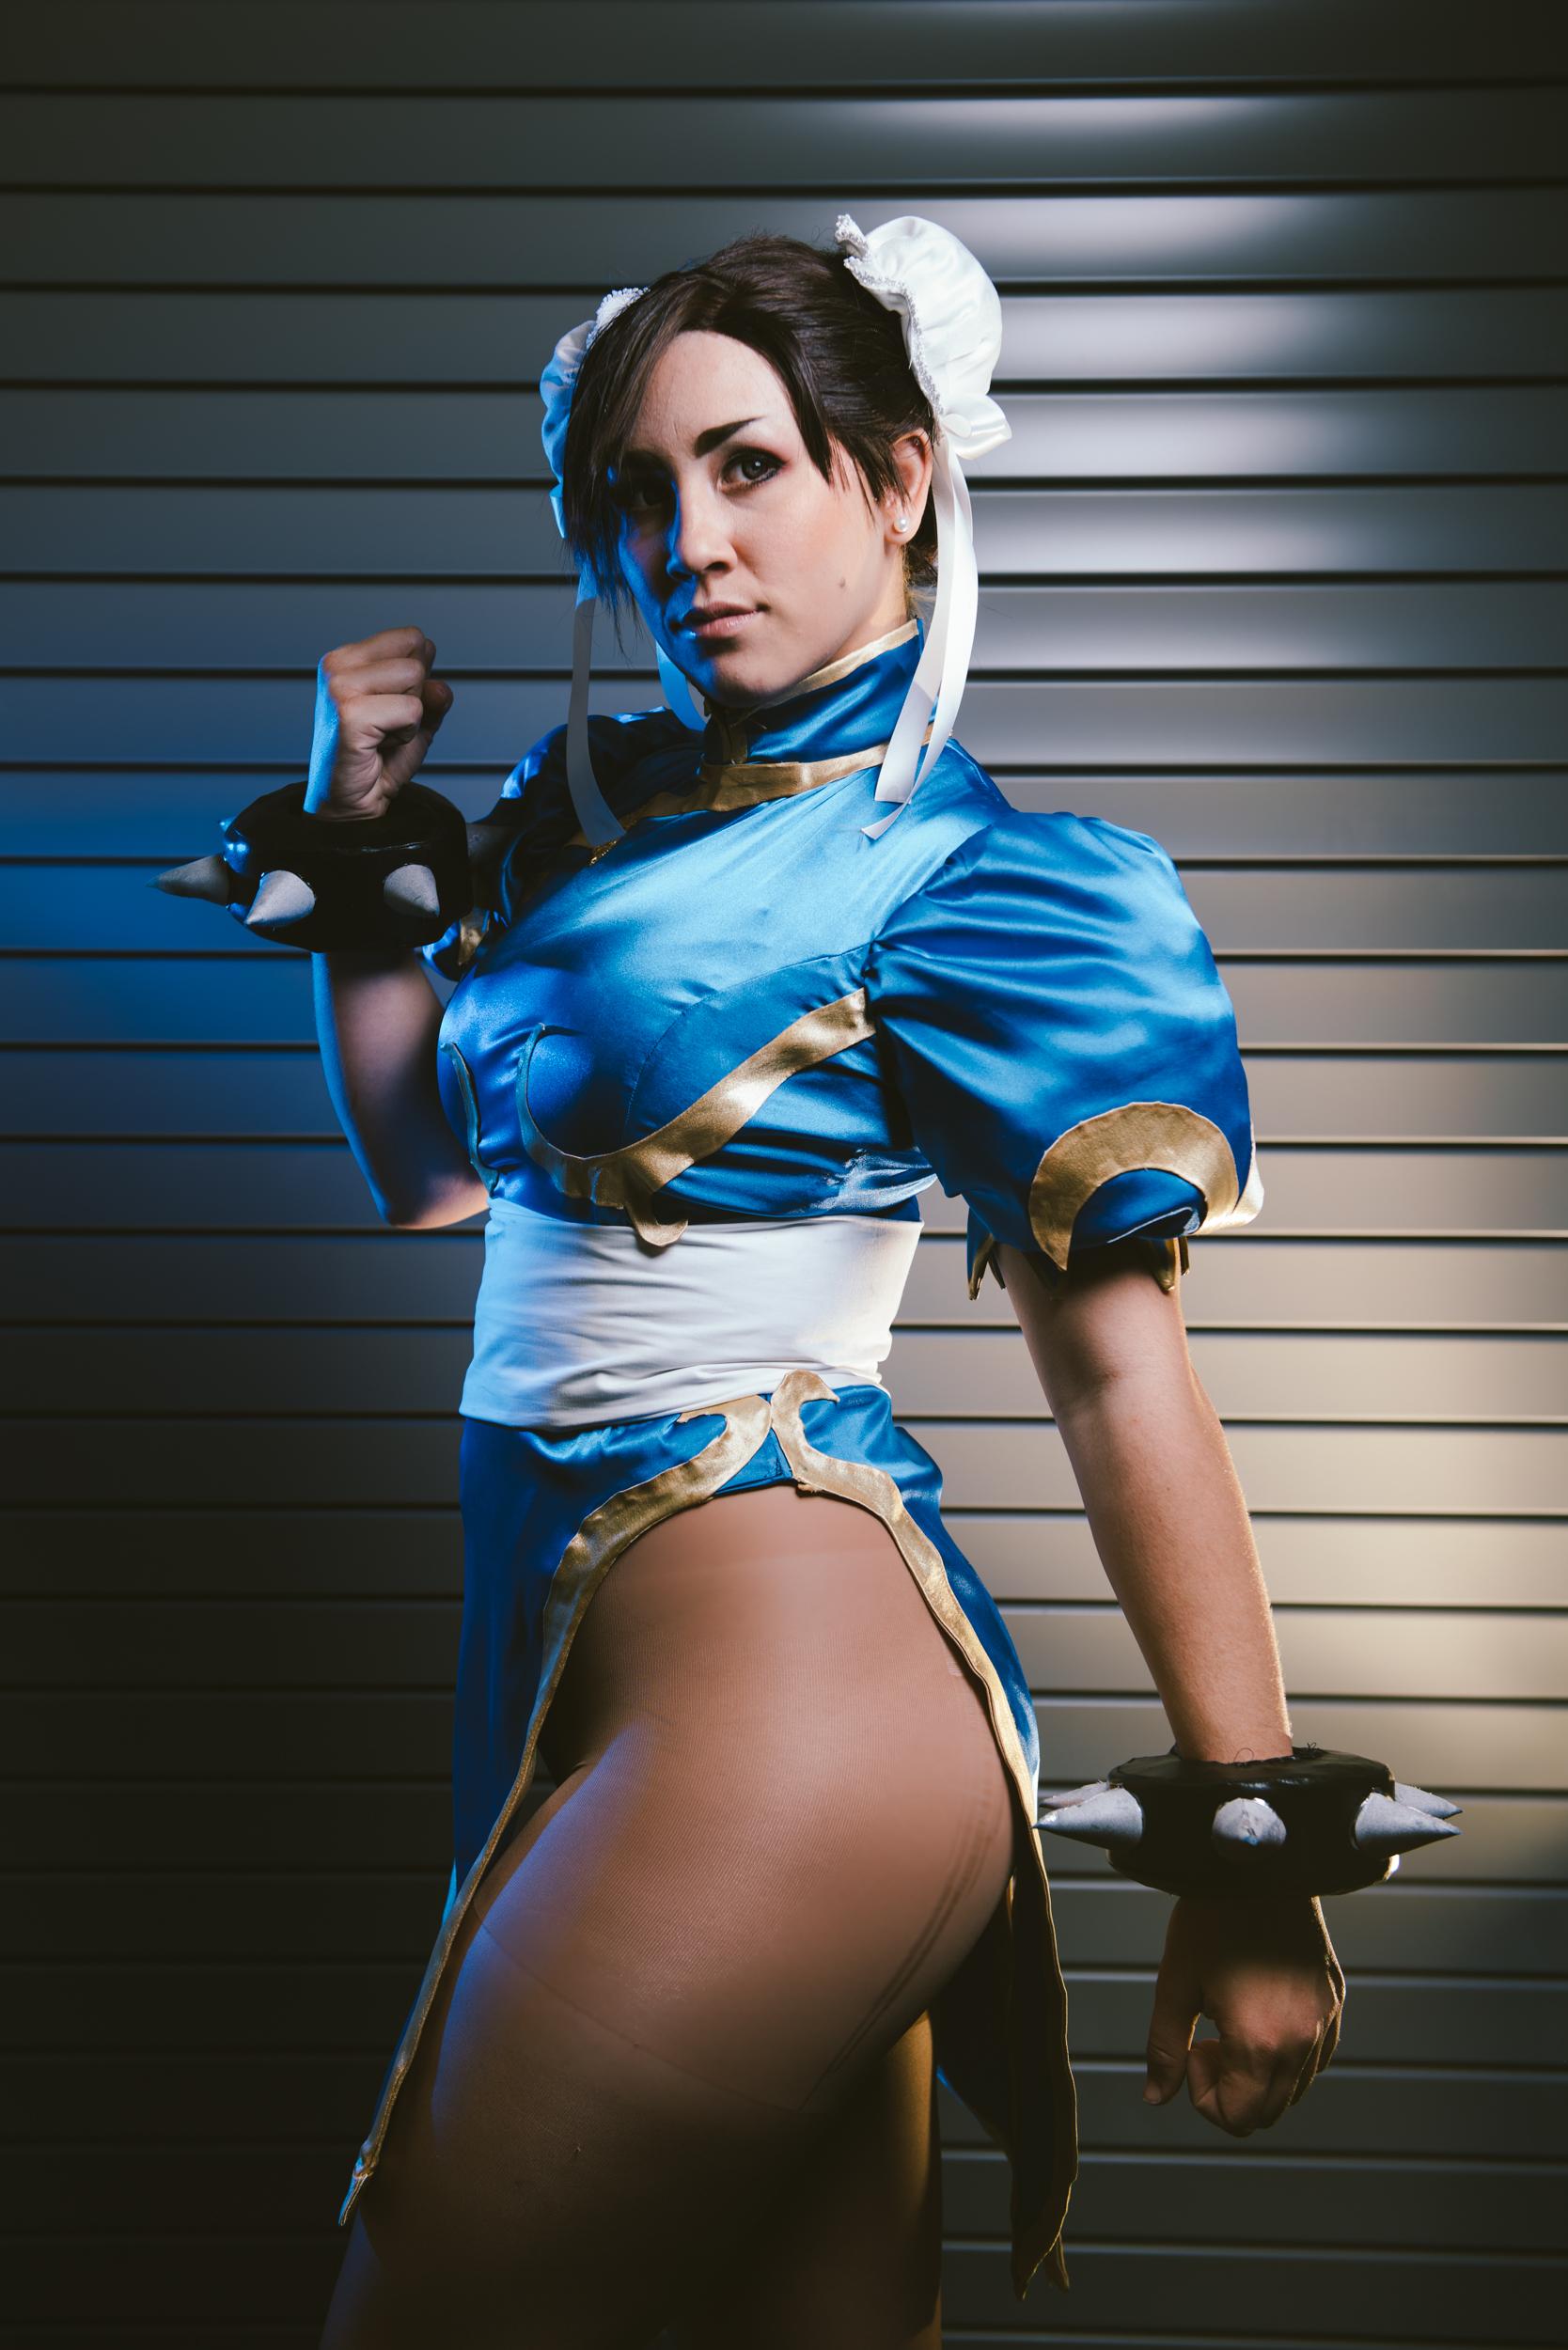 cosplay_sf02.jpg